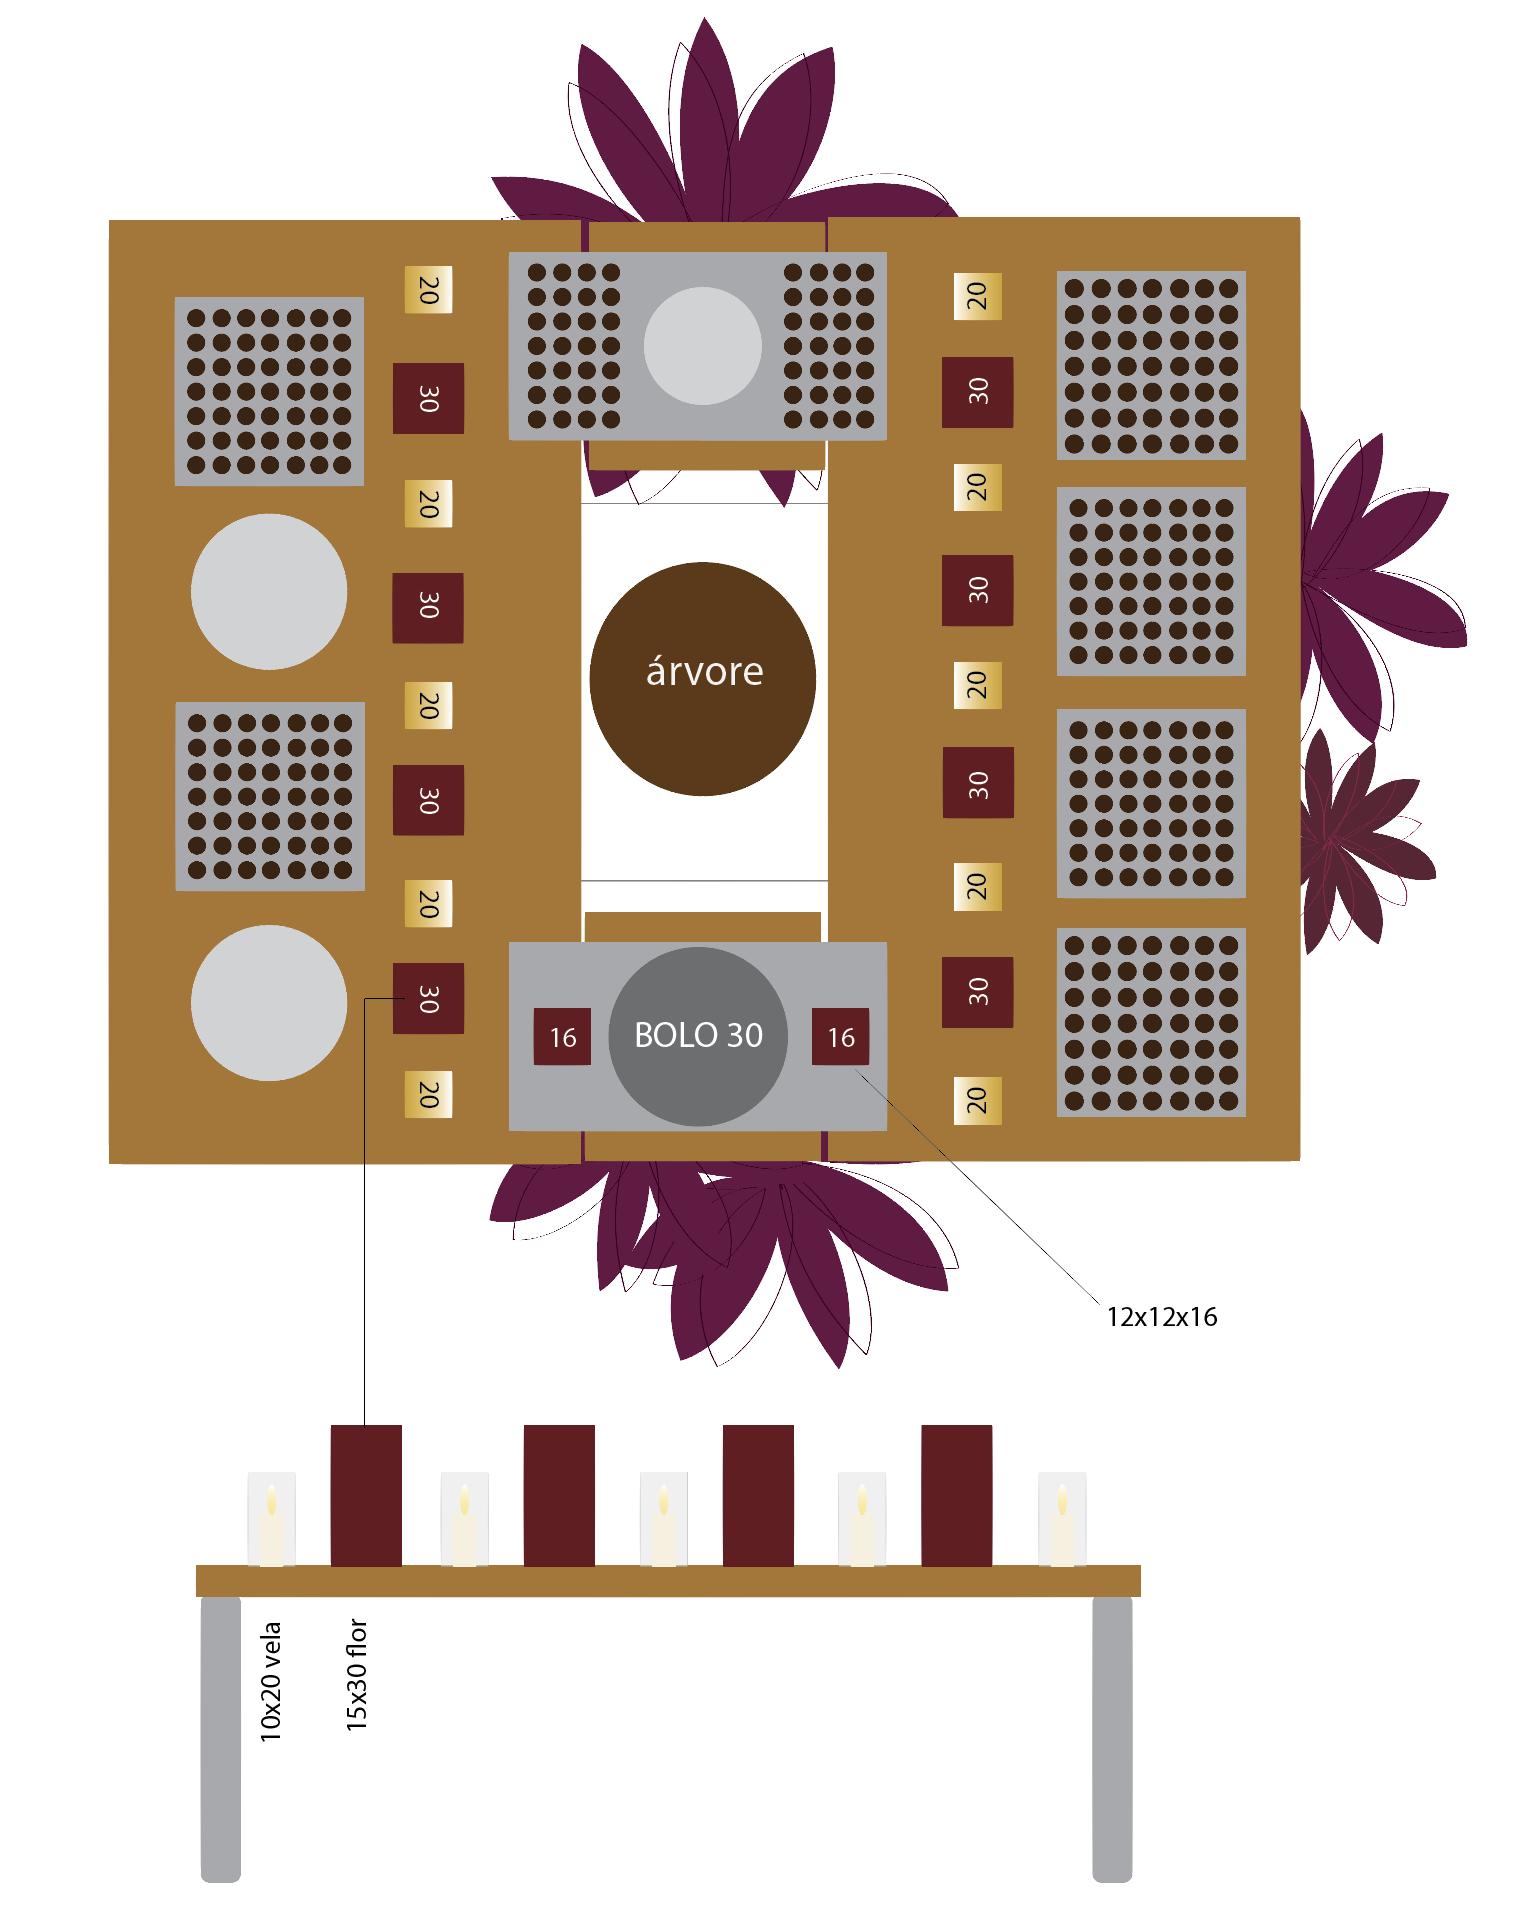 Aqui, a alteração da mesa em relação a ideia inicial. Neste projeto não houve locação de mobiliário, tivemos que nos virar com o que existia na casa. Fizemos partido da árvore para localização da mesa de doces, posicionando as mesas em torno dela, como que a abraçando.